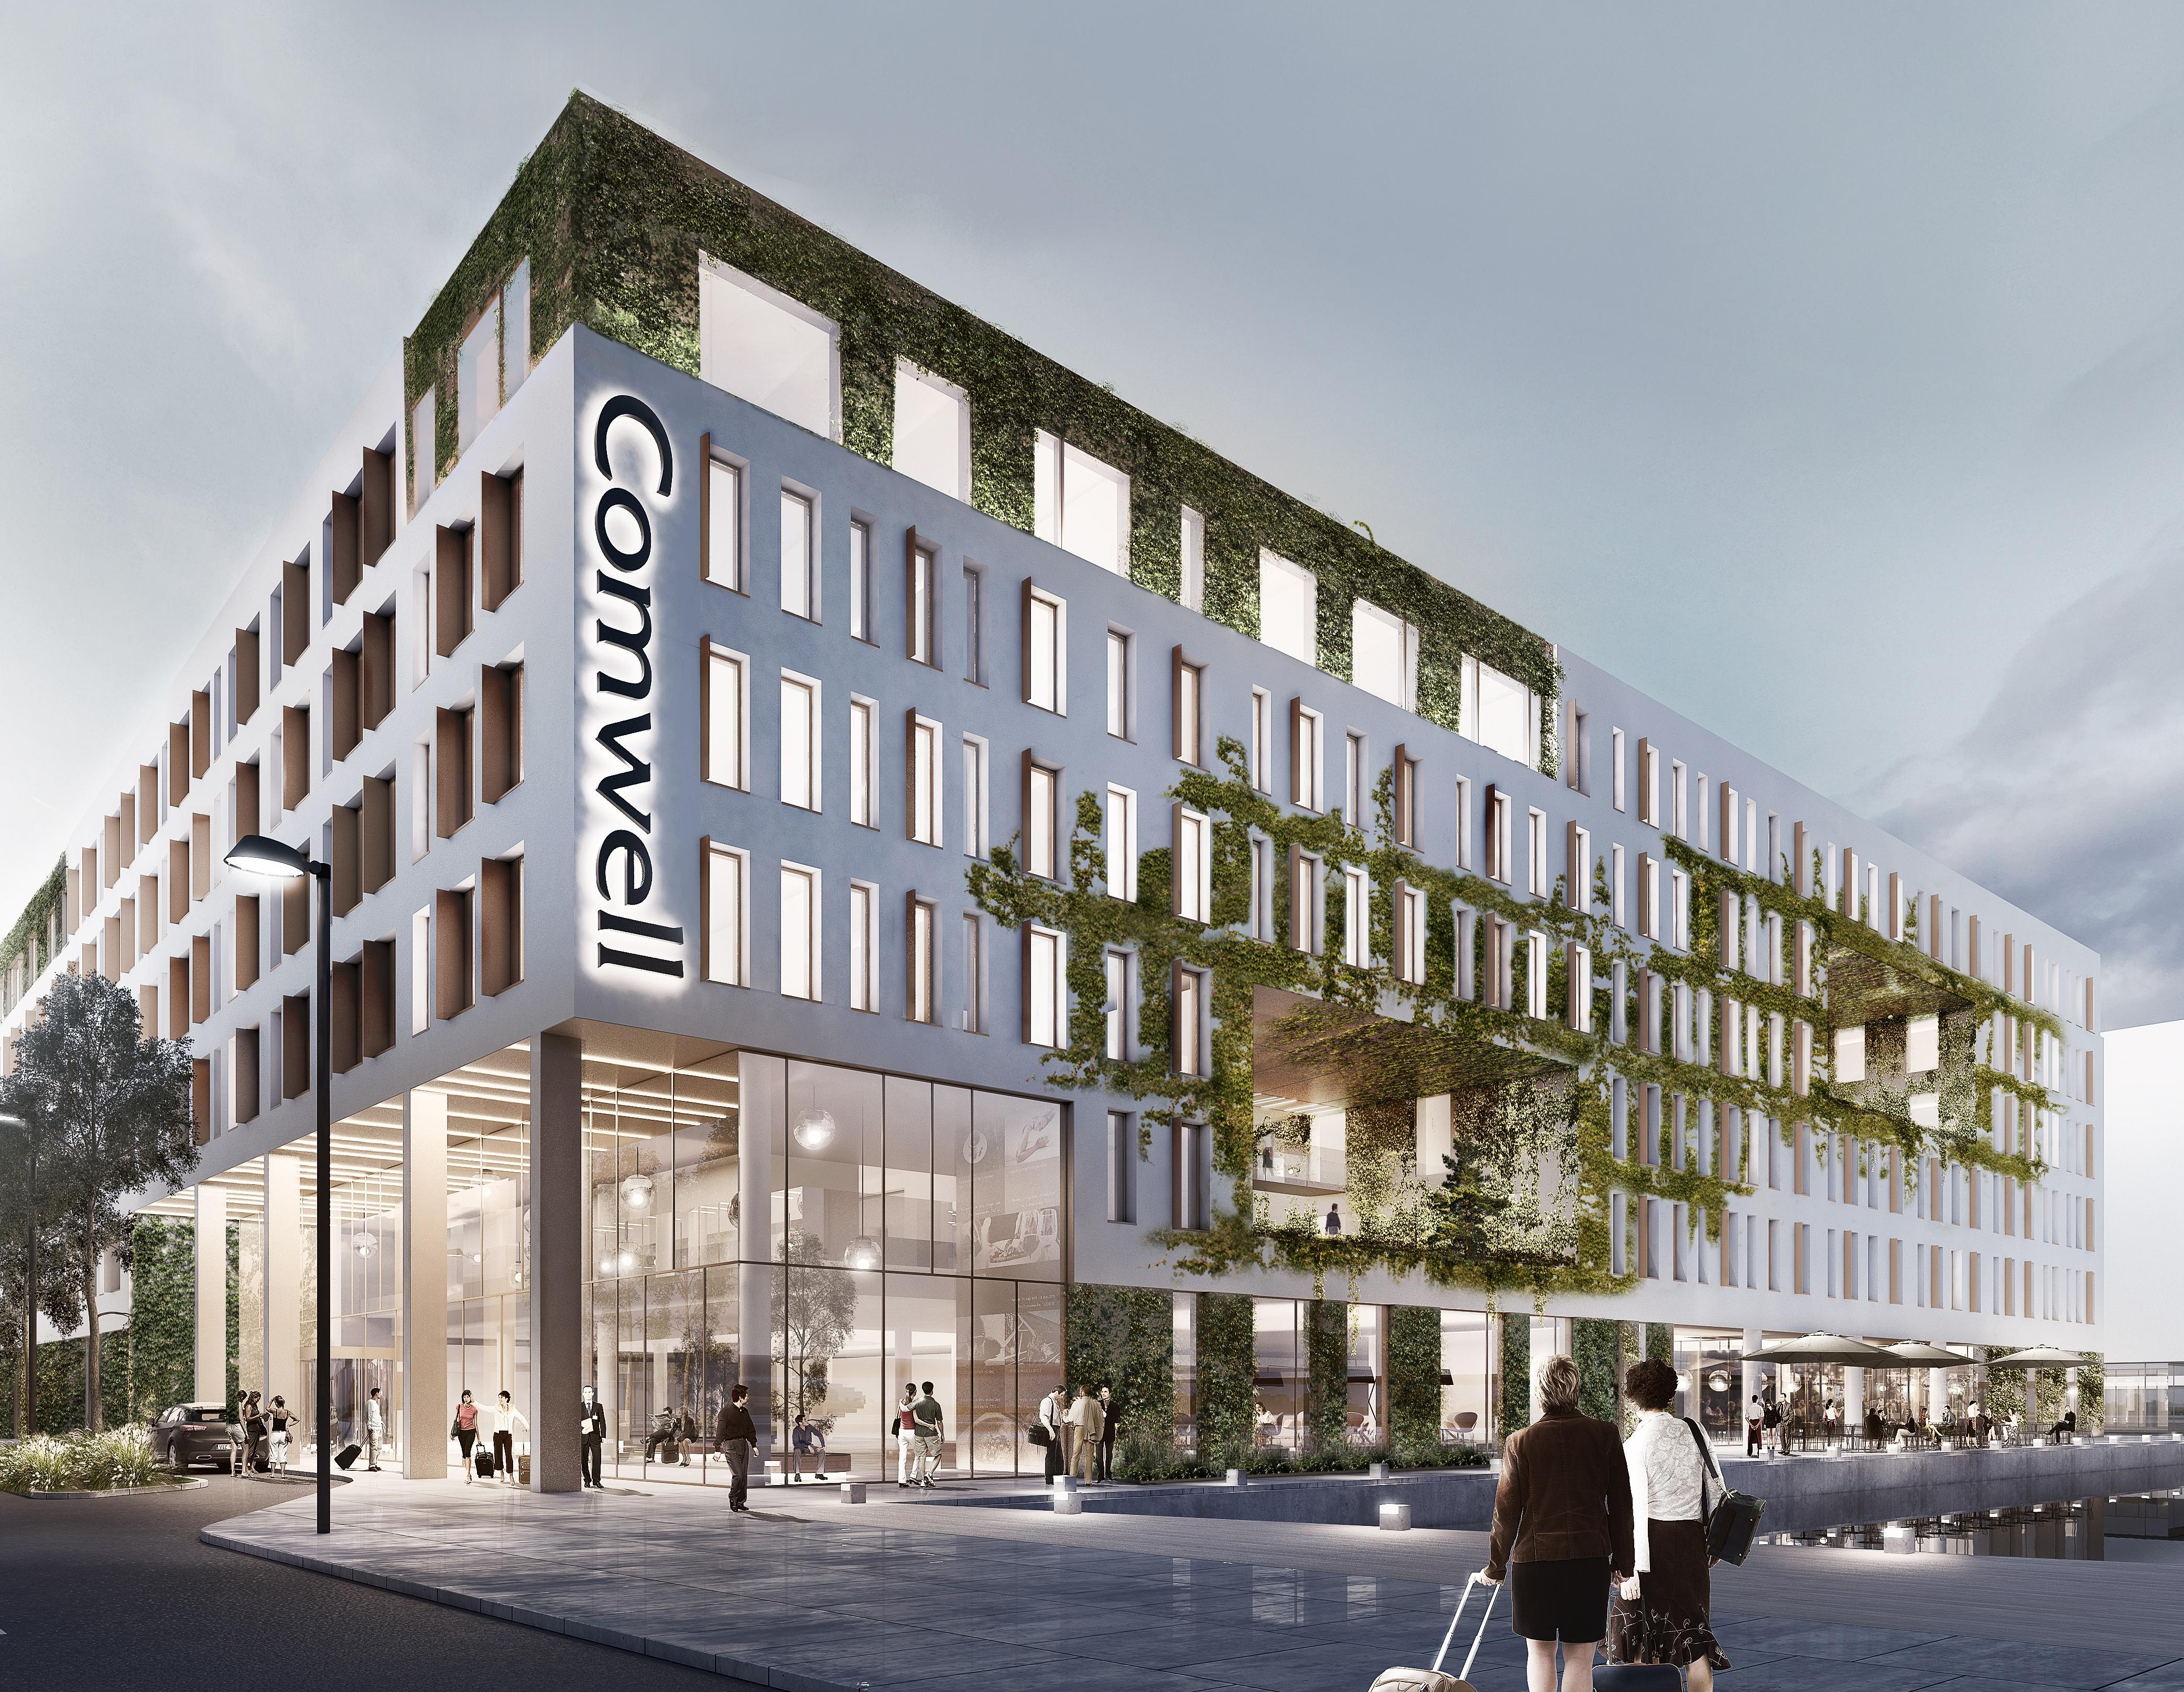 Tegning af det kommende Comwell Copenhagen Portside, der åbner næste år i Københavns Nordhavn med 484 værelser og suiter – og måske i samarbejde med en stor international hotelkæde. Illustration: Comwel.